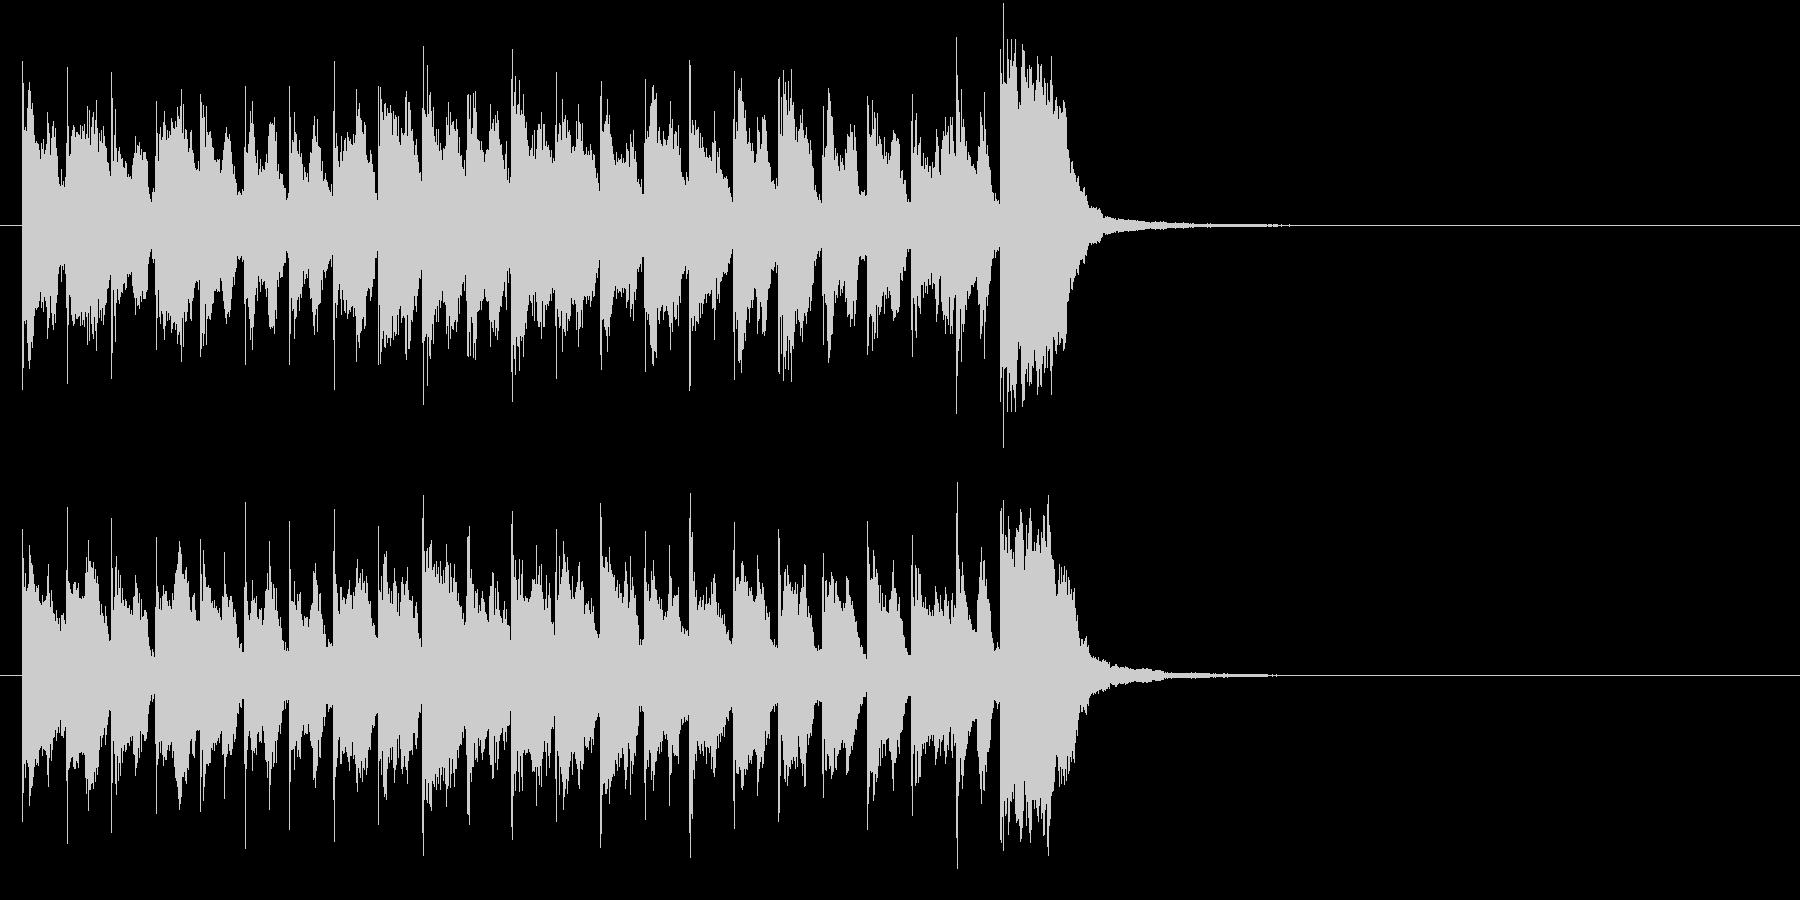 ほのぼのとした軽快なスポットBGMの未再生の波形